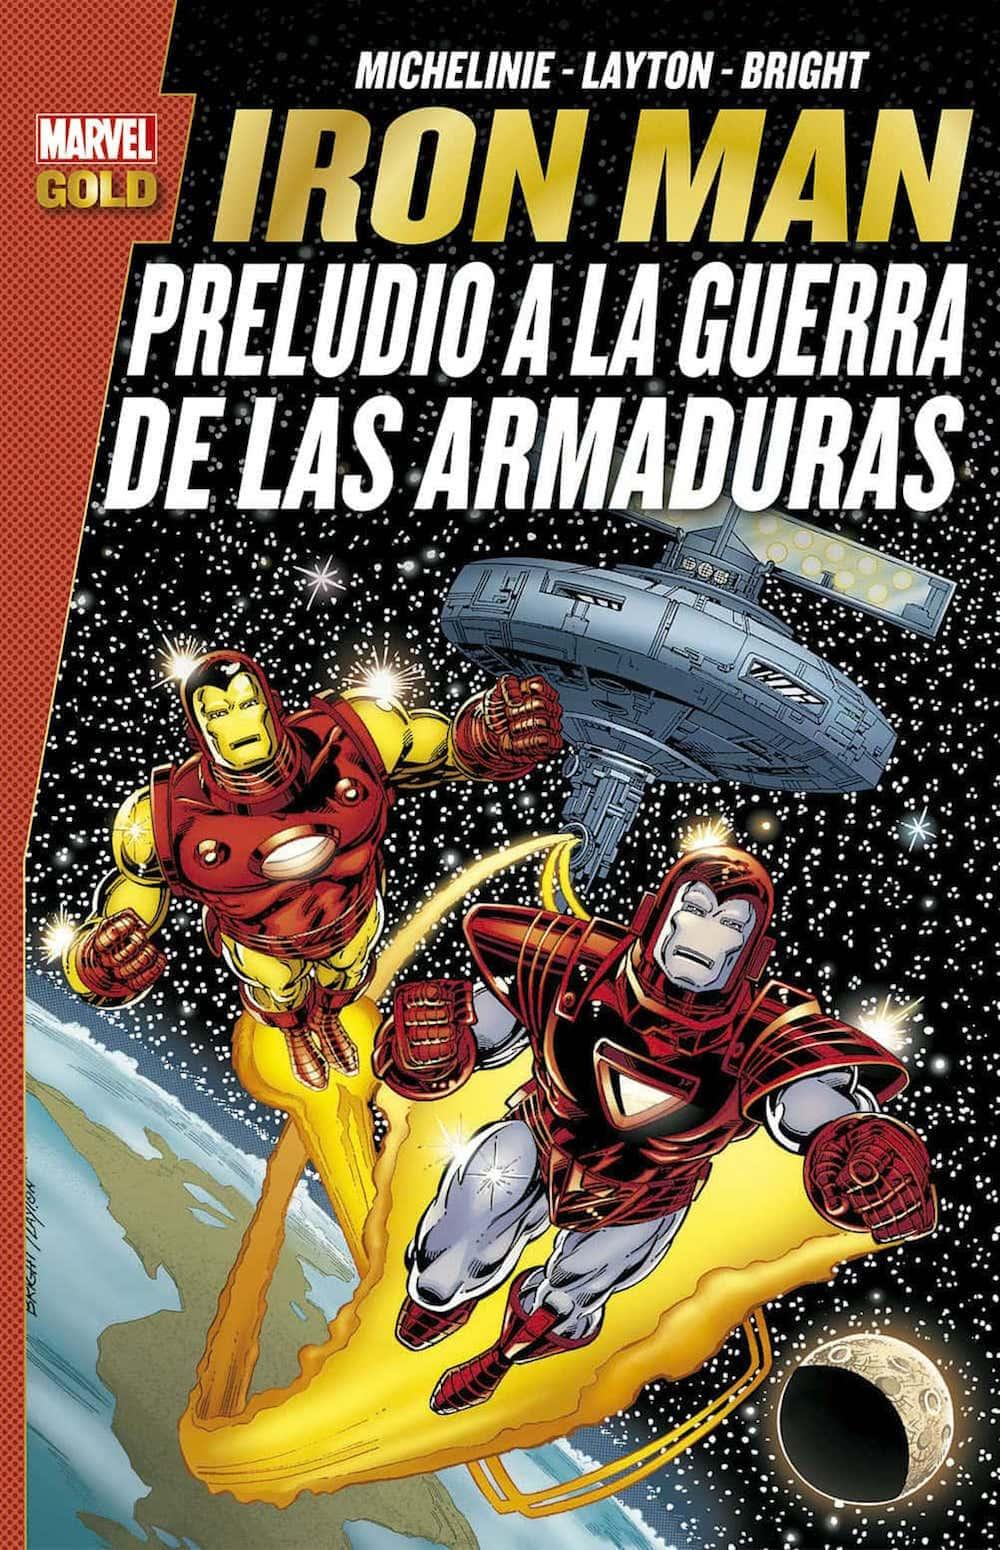 IRON MAN: PRELUDIO A LA GUERRA DE LAS ARMADURAS